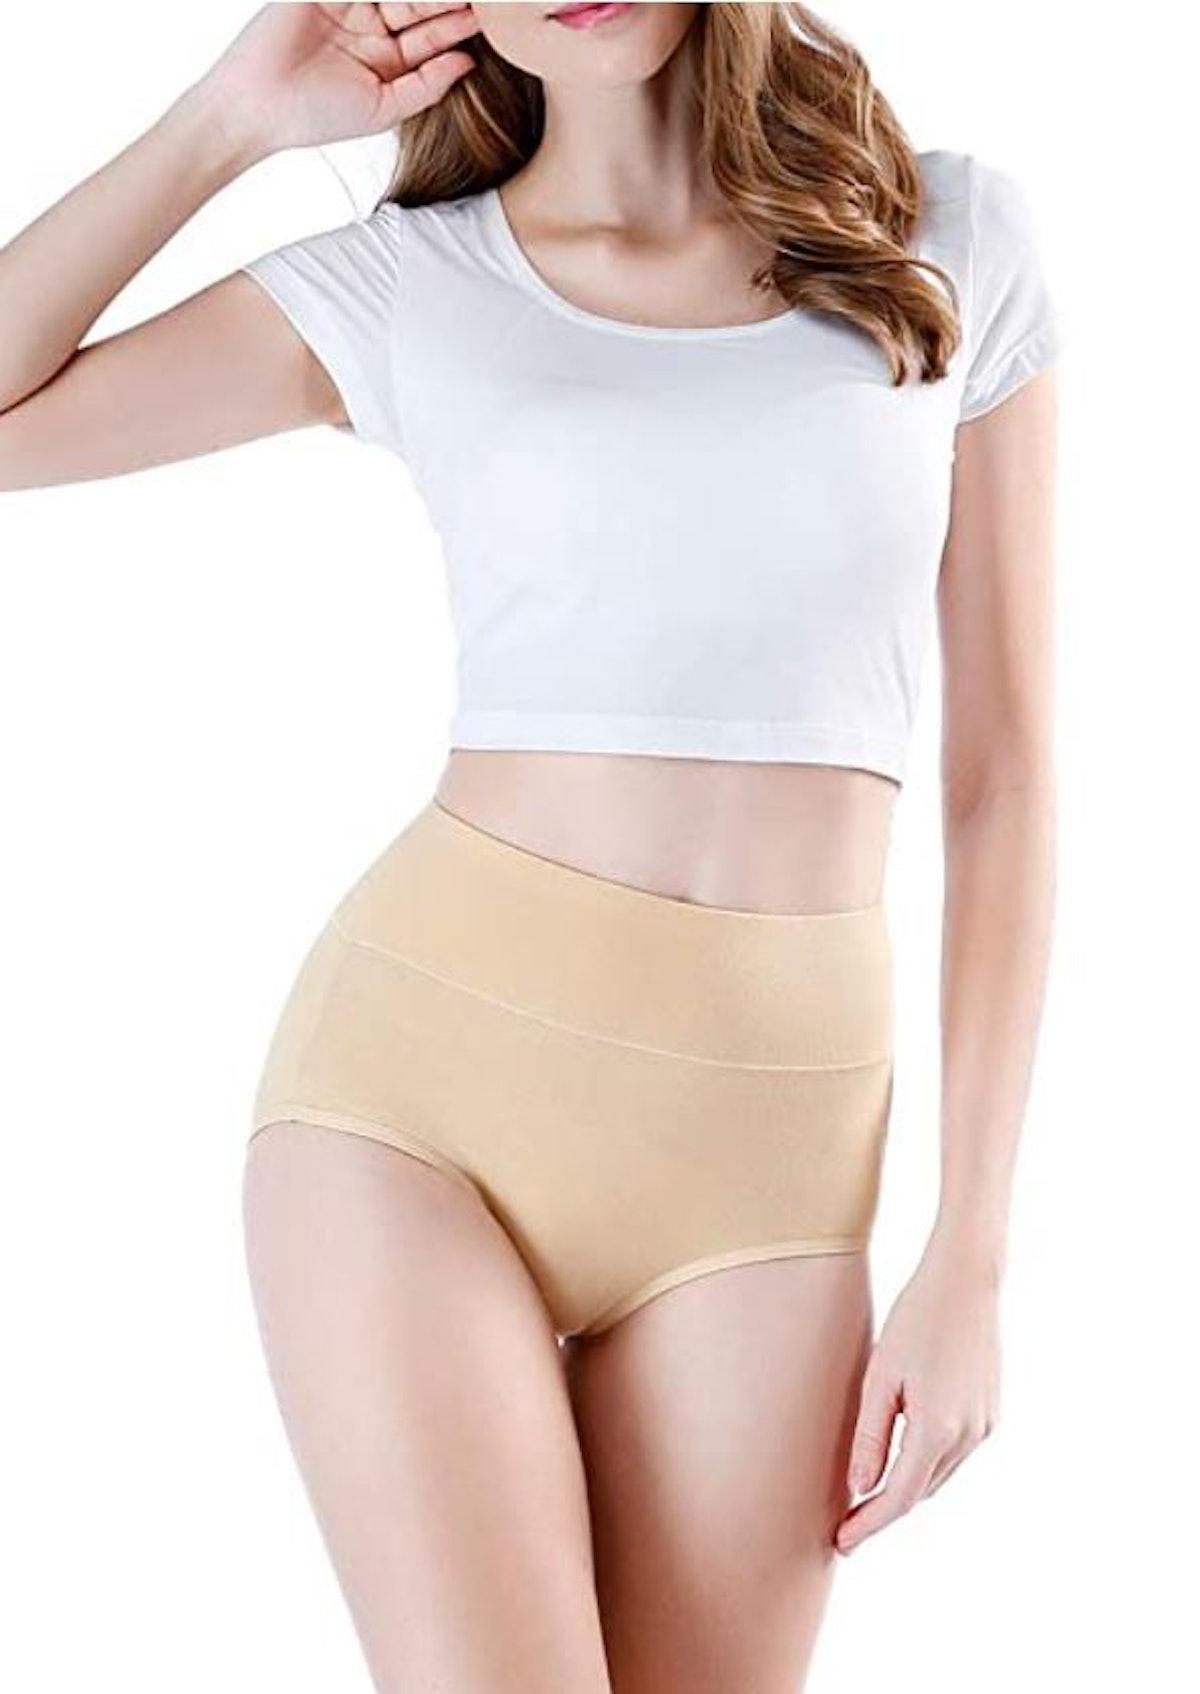 wirarpa Cotton Underwear Briefs (Set of 5)